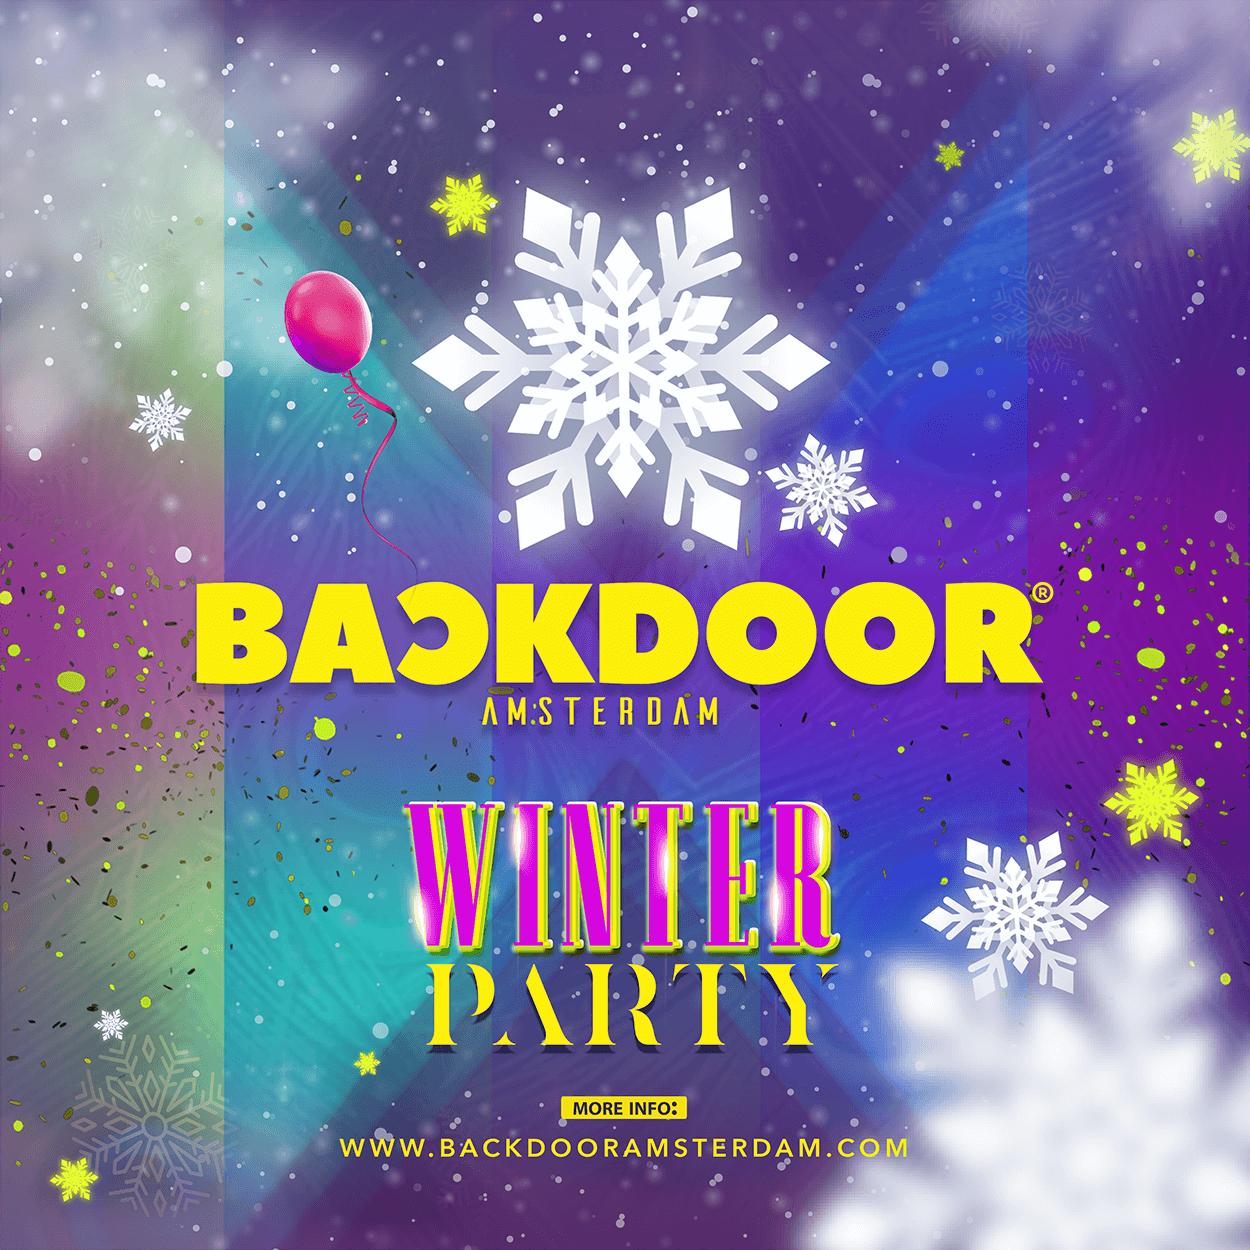 BACKDOOR Winter Party